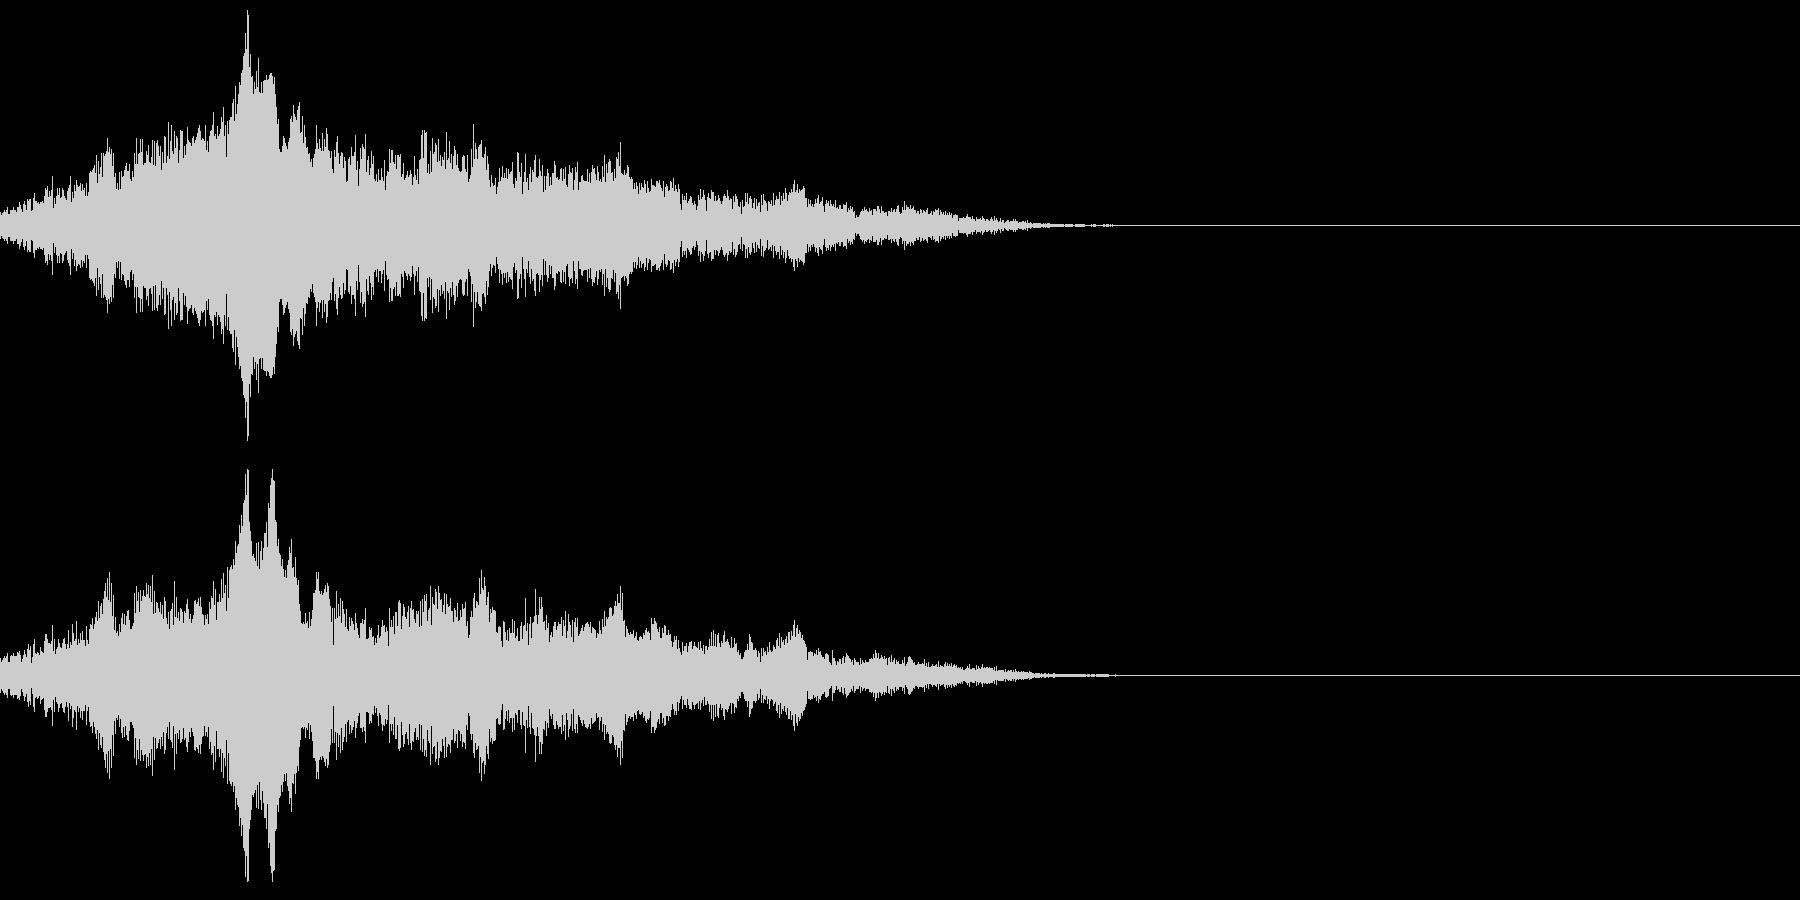 機械が動き出す音の未再生の波形